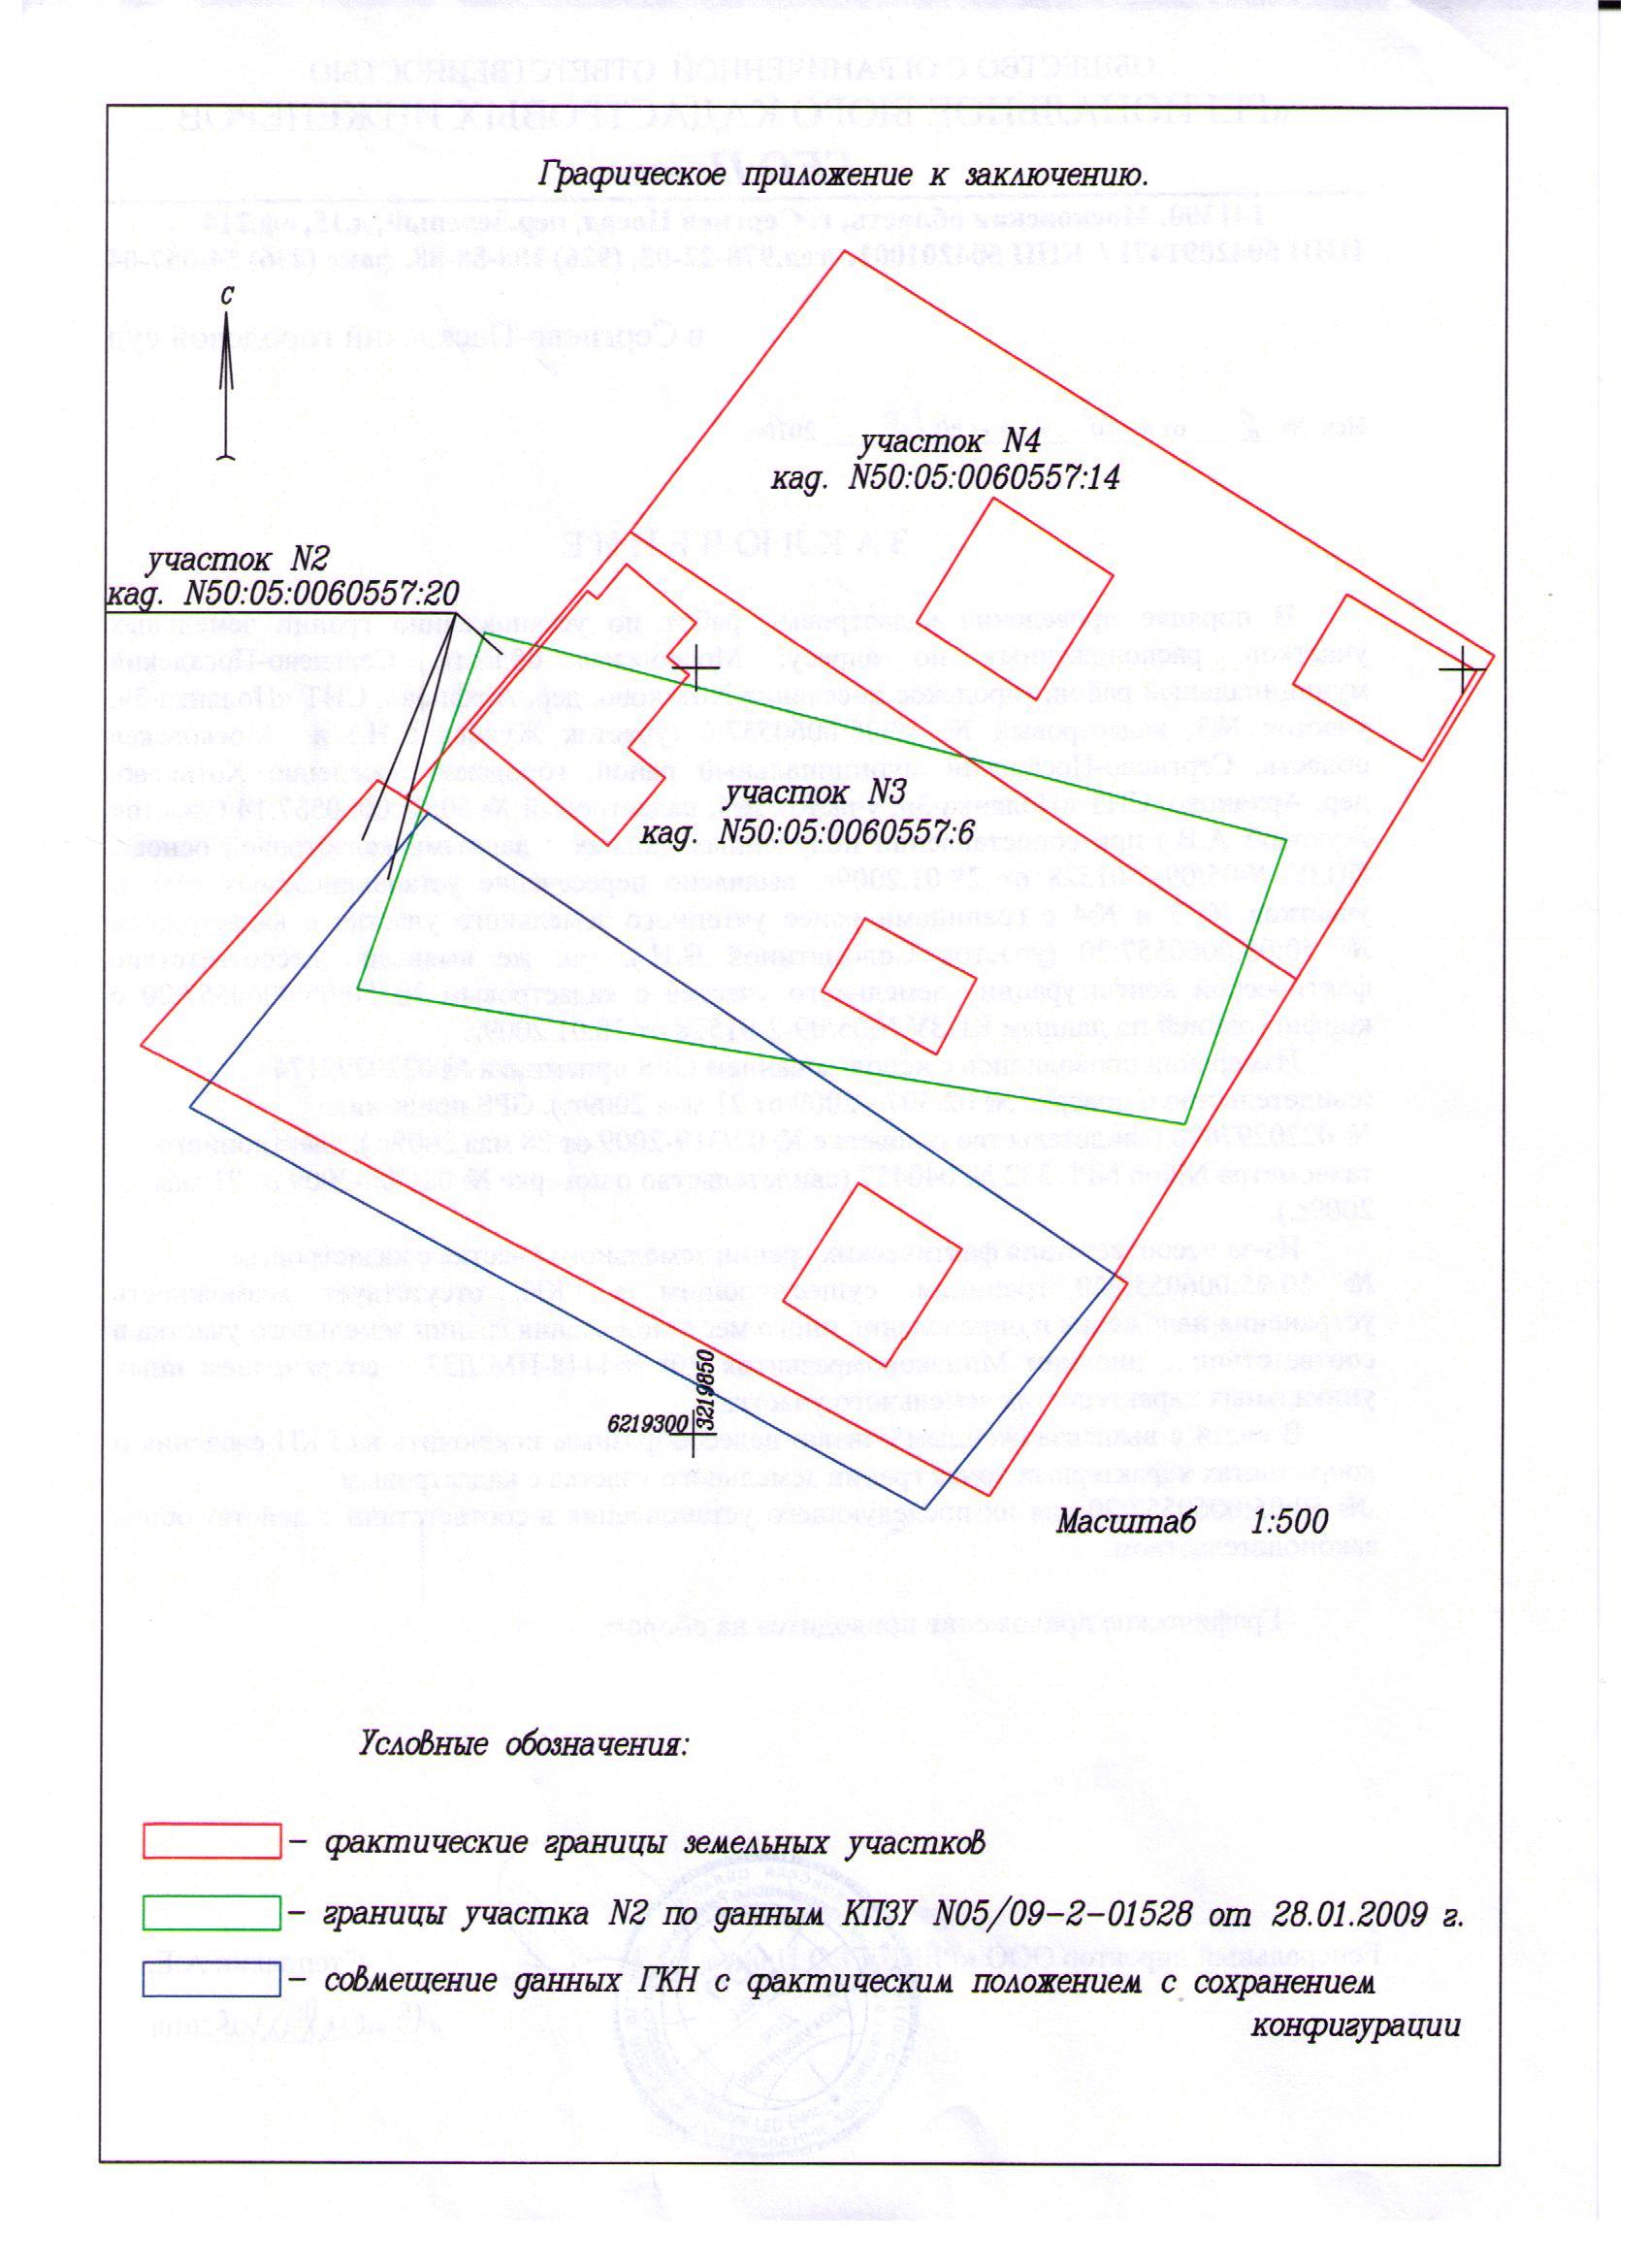 Наложение границ при проведении кадастровых работ является основанием для заполнения заключения инженера